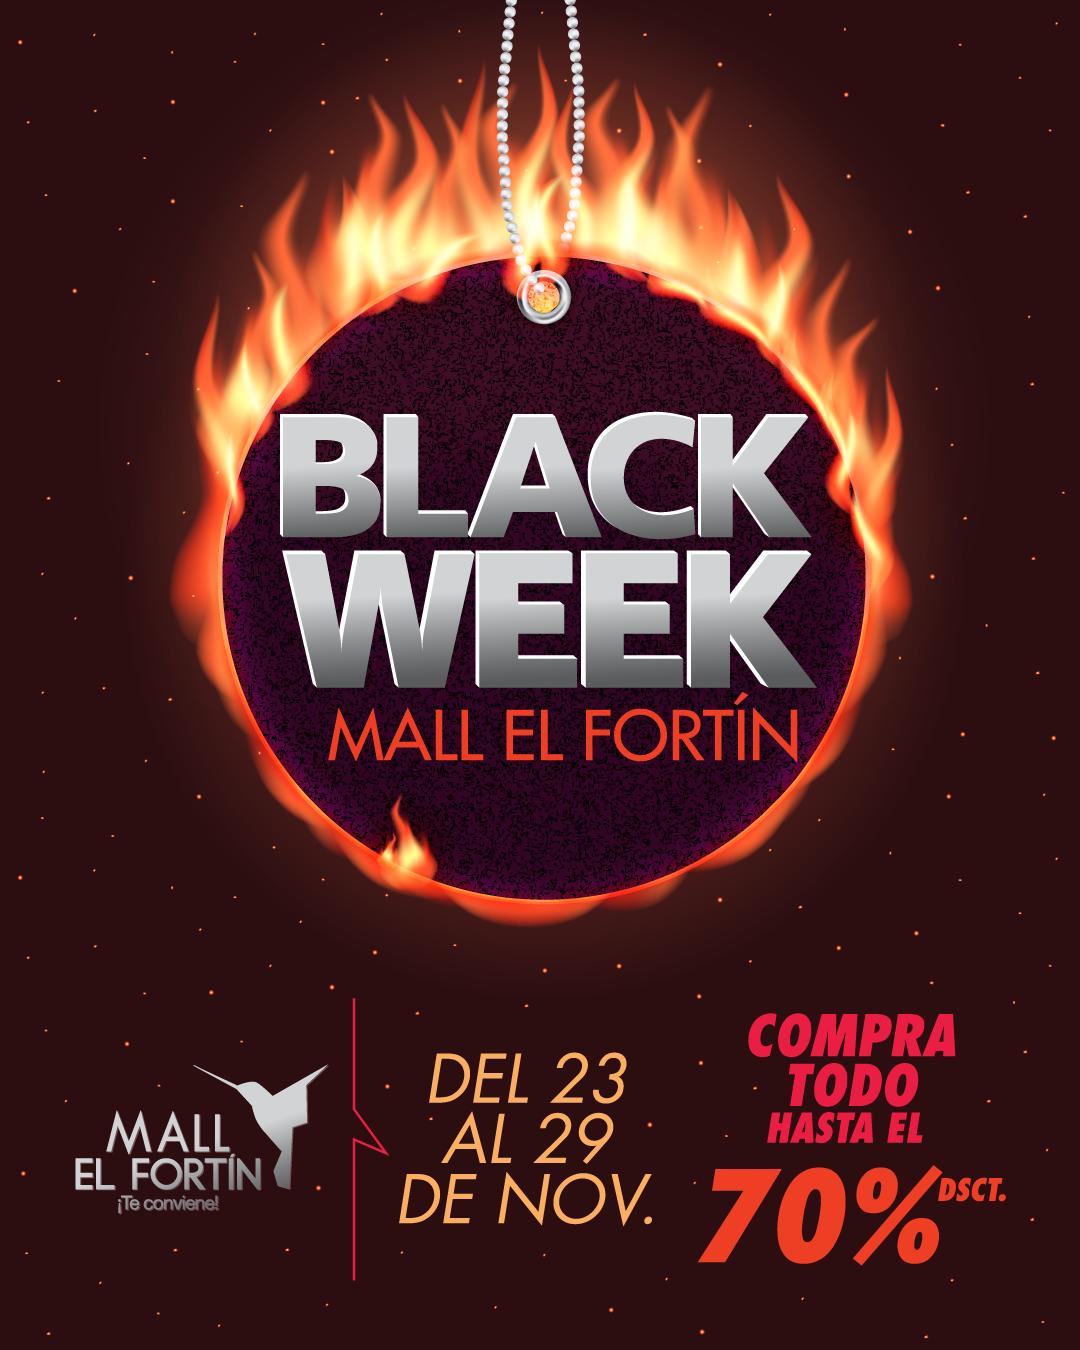 BLACK WEEK DESDE EL 23/11/2020 HASTA EL 29/11/2020